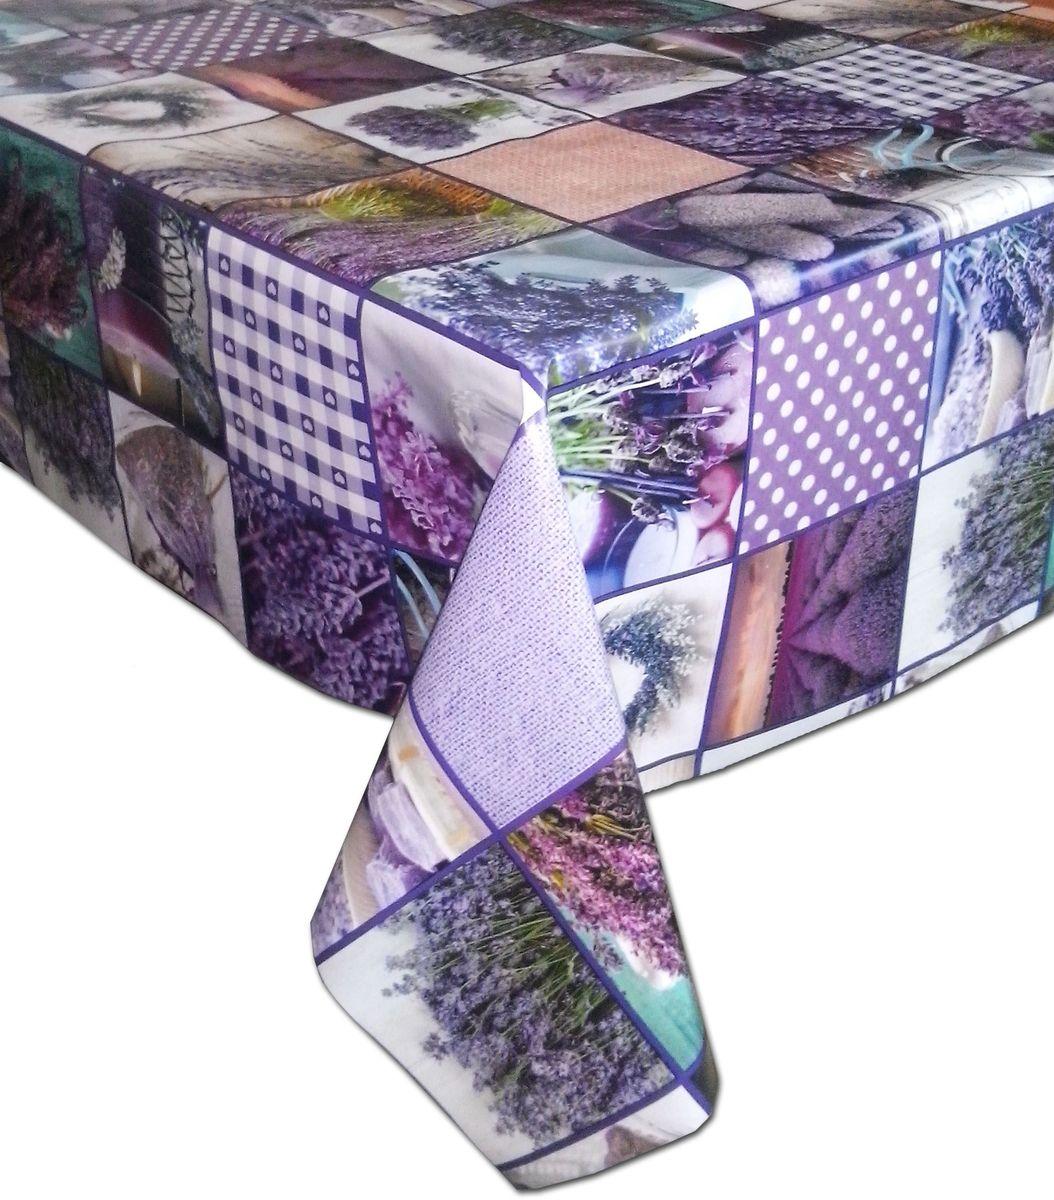 Столовая клеенка LCadesi Florista, прямоугольная, 130 х 165 см. FL130165-309-00FL130165-309-00Столовая клеенка Florista с ярким дизайном украсит ваш стол и защитит его от царапин и пятен. Благодаря основе из нетканого материала не скользит по столу. Клеенка не имеет запаха и совершенно безопасна для человека.